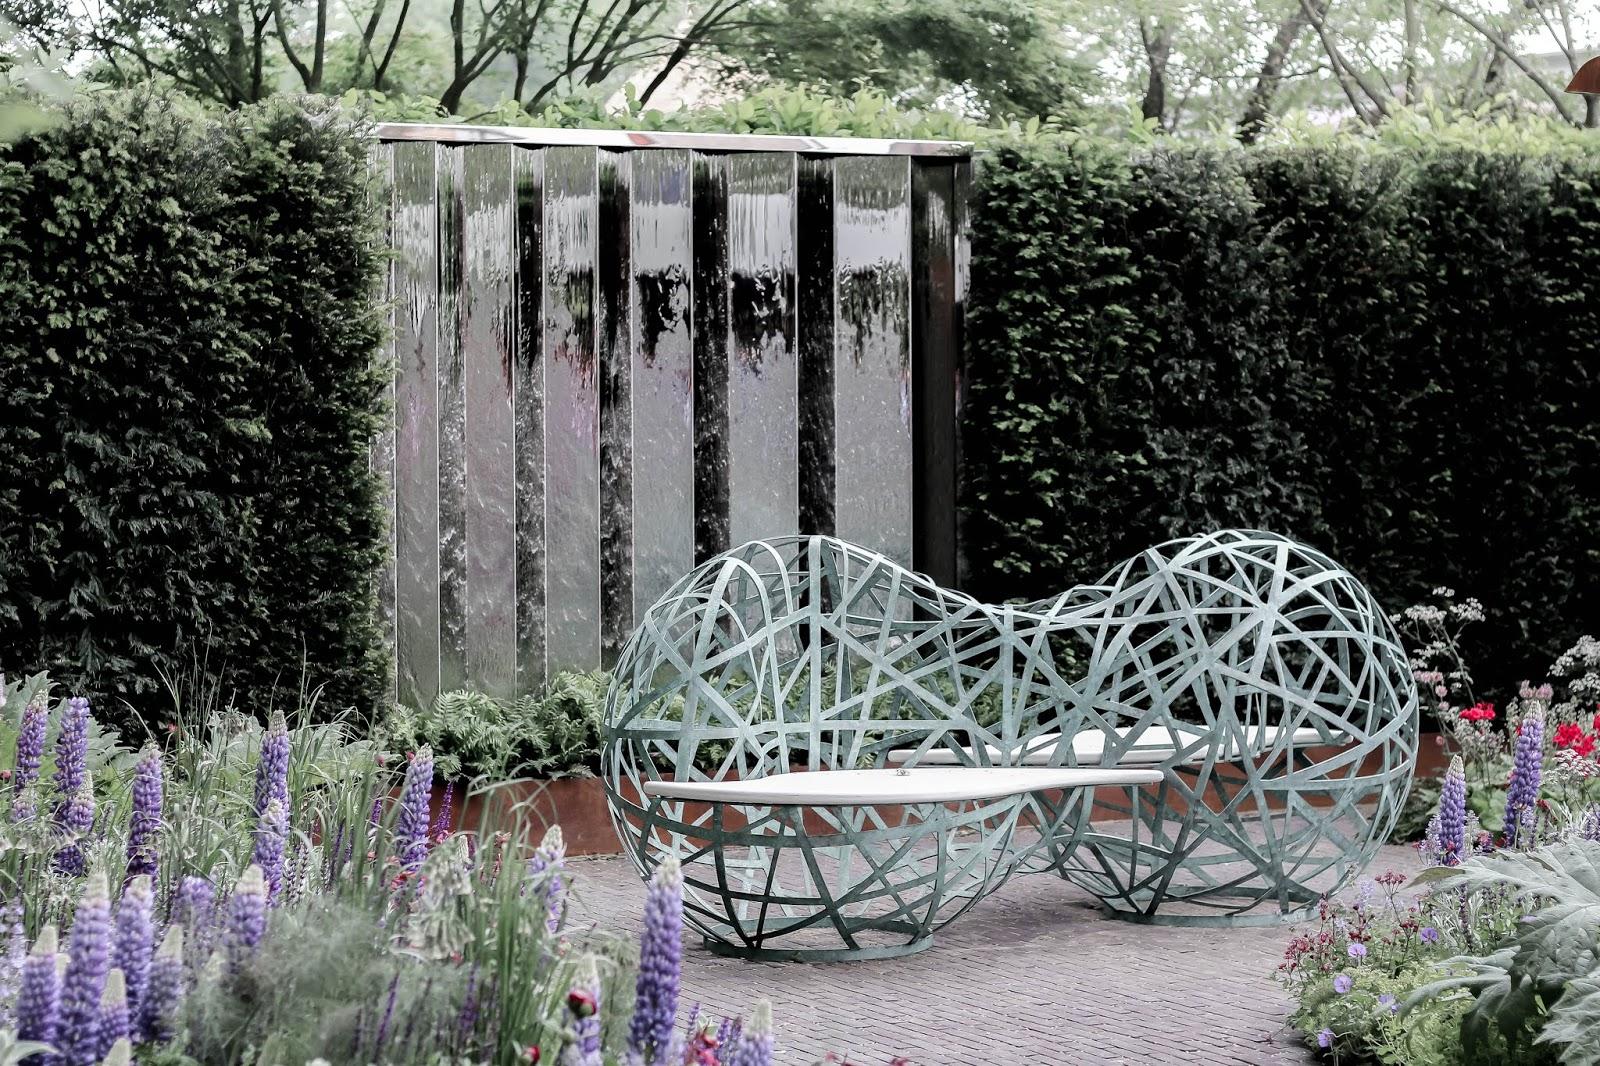 Chelsea Flower Show 2018 The David Harber and Savills Garden Exhibit